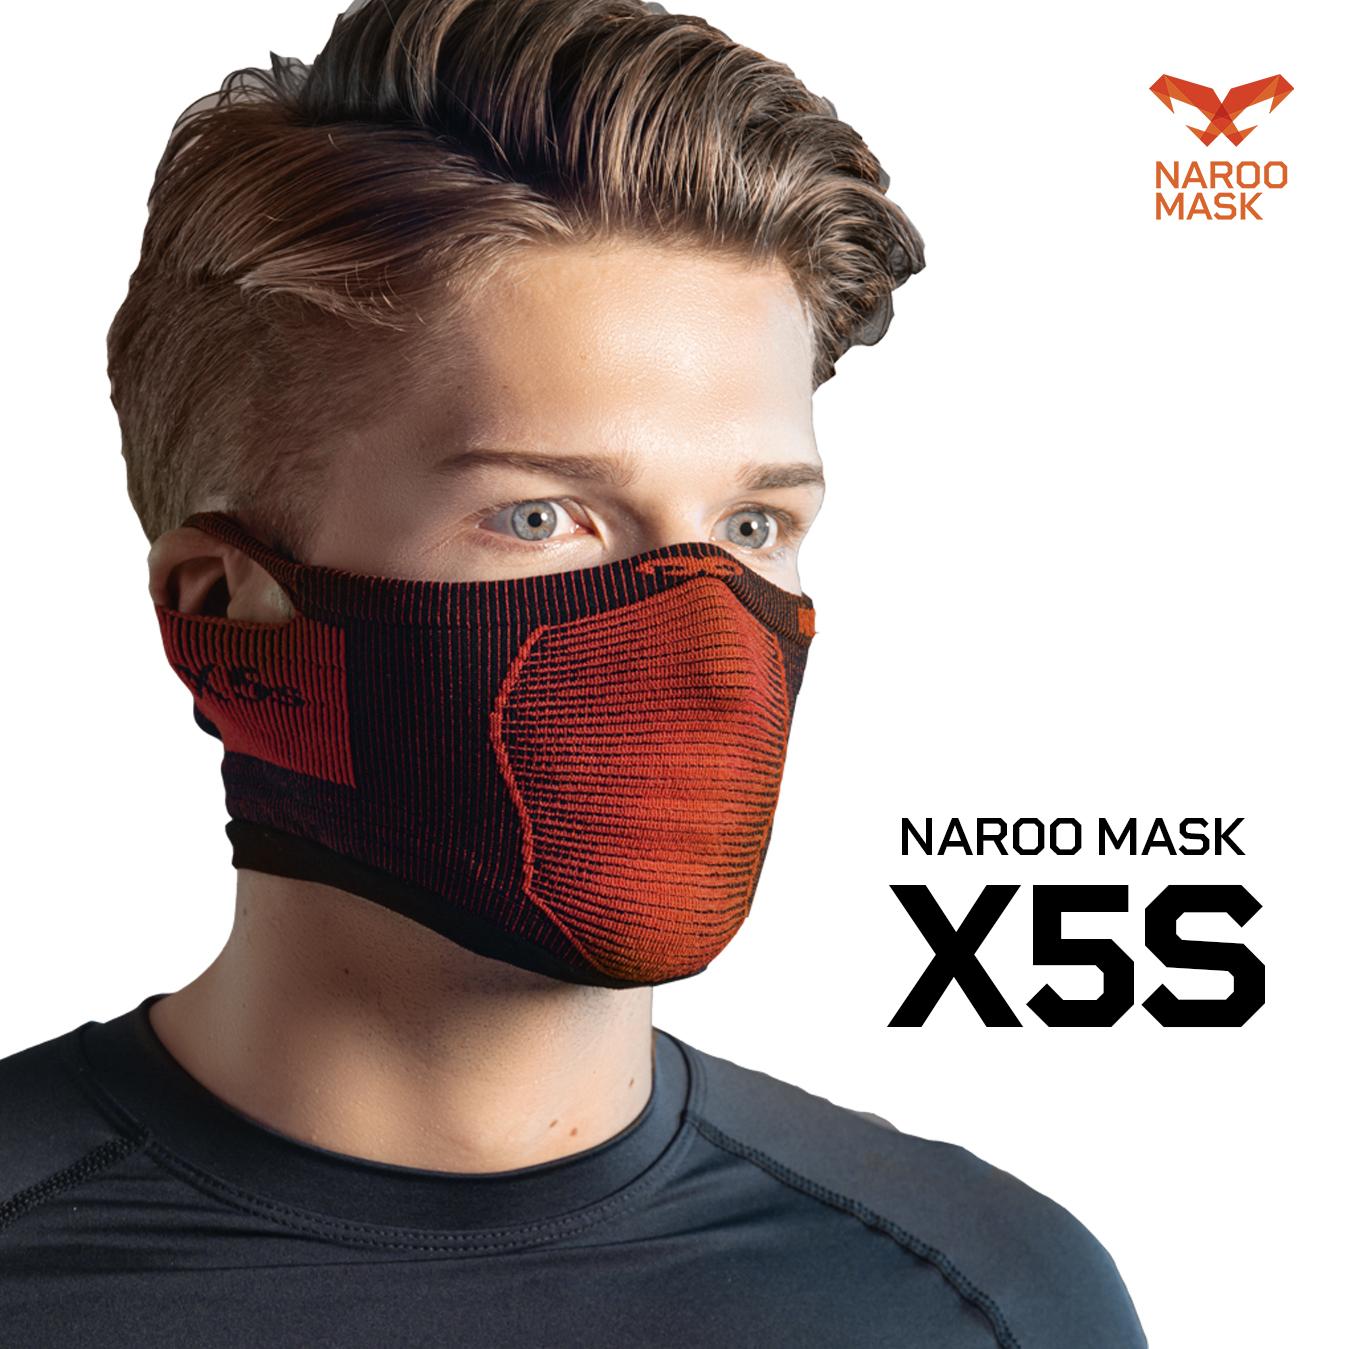 送料無料 サイクリング スキー スノーボード テニス ランニング 激安通販専門店 クライミング ゴルフ フィッシング ウオーキングなどのスポーツシーン活躍するフェイスマスクです スポーツマスク ランニングマスク フィットネスクラブマスク Naroo Mask X5sスポーツ用 自転車用 洗って繰り返し使える UVカット 日焼け予防 男女兼用 布マスク スギ 防寒 暴風 日焼け防止 フェイスマスク 紫外線対策 大決算セール 苦しくない 虫除け ヒノキ花粉症 やわらか